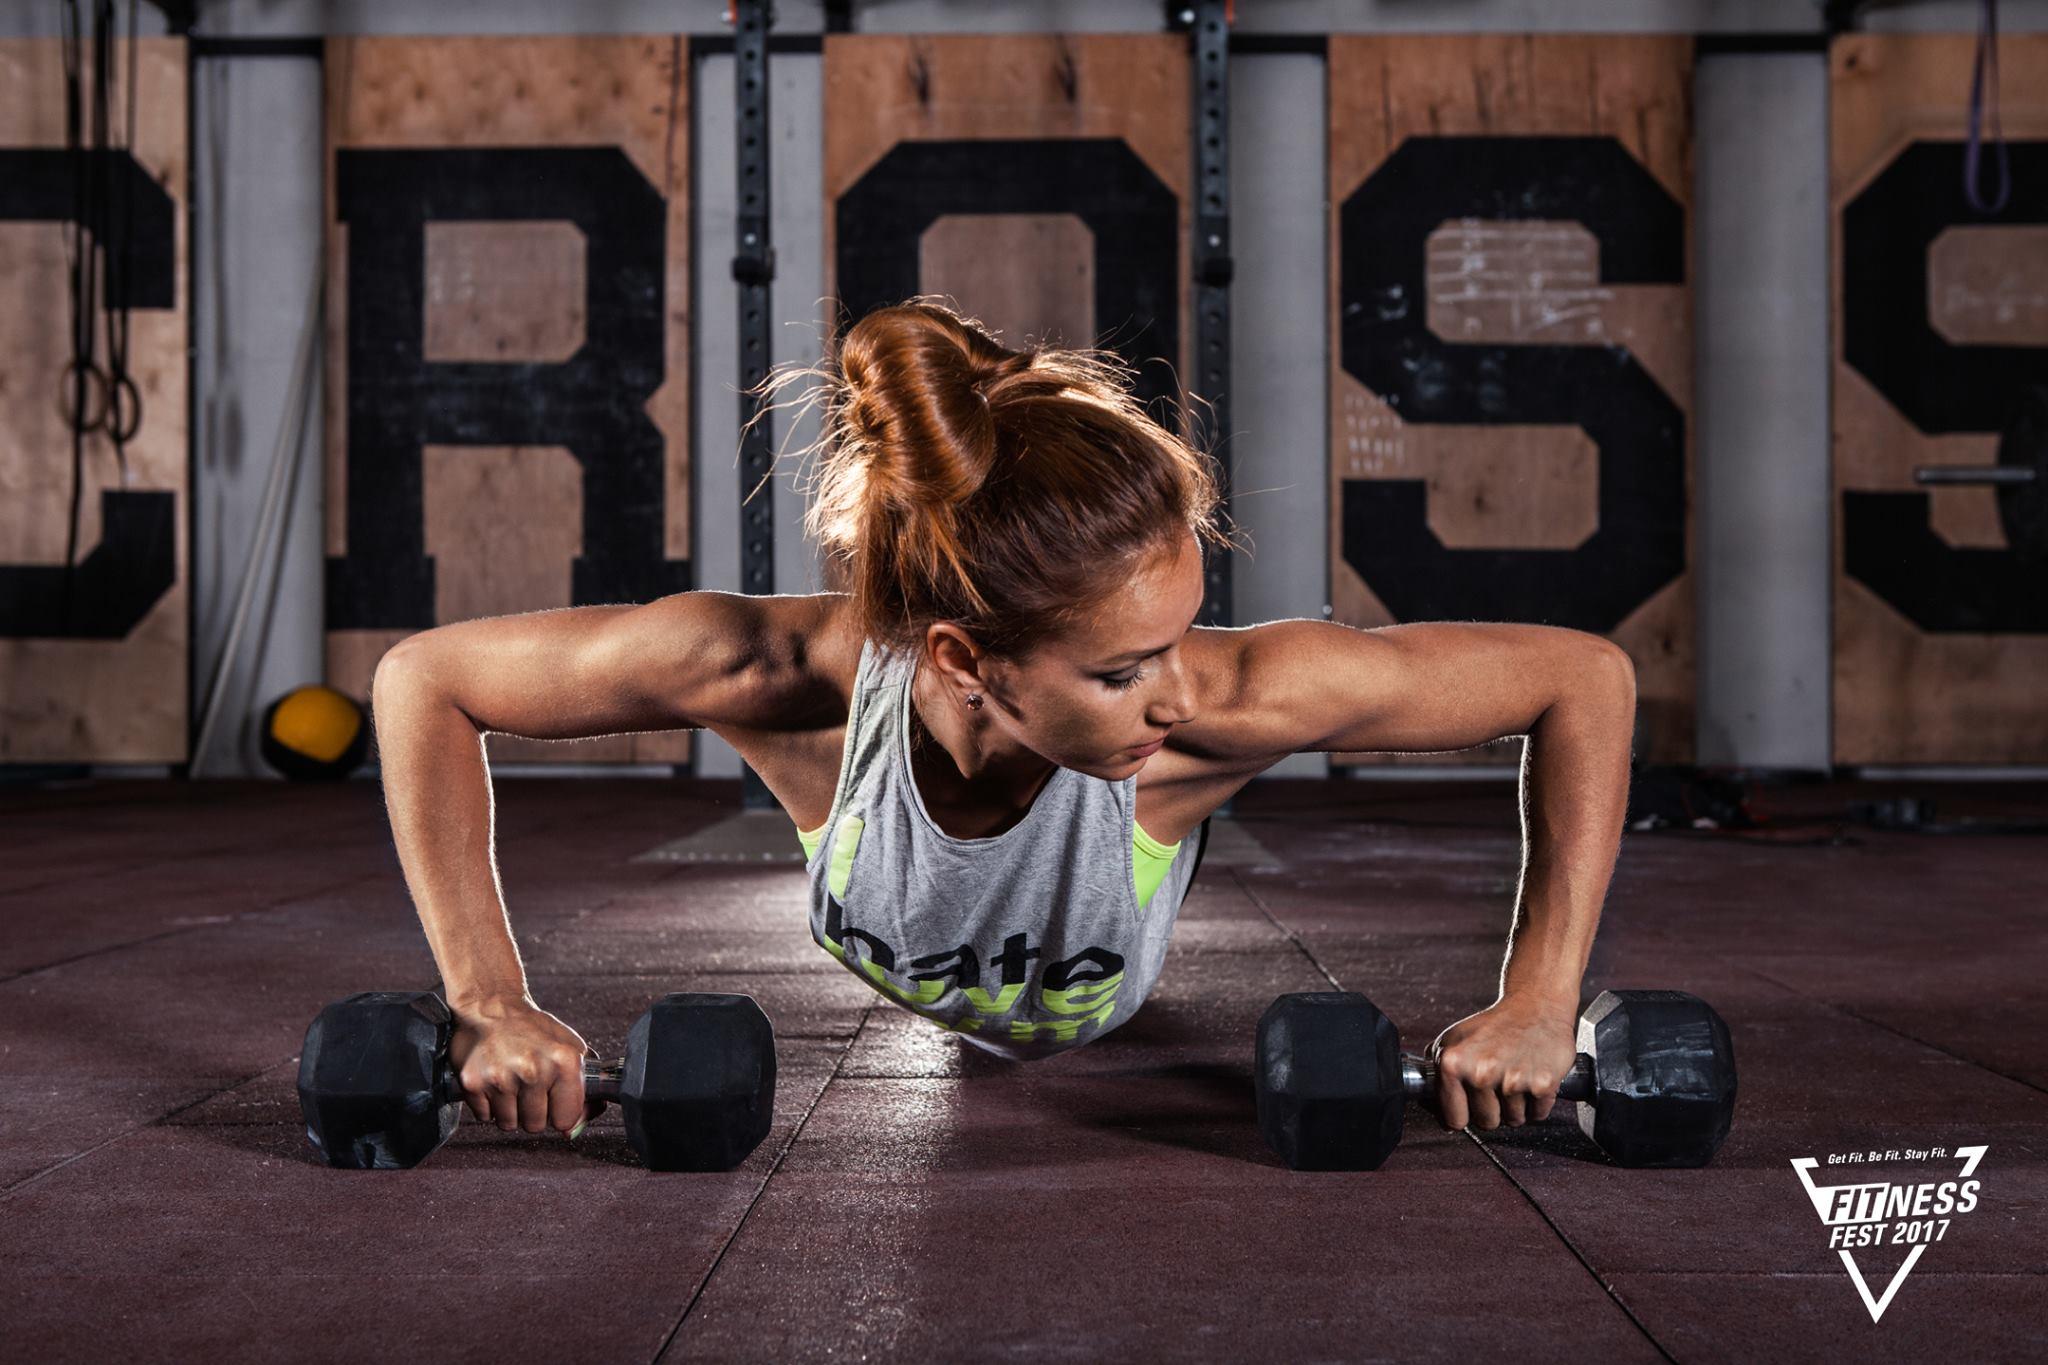 (Photo Credits: FitnessFest)